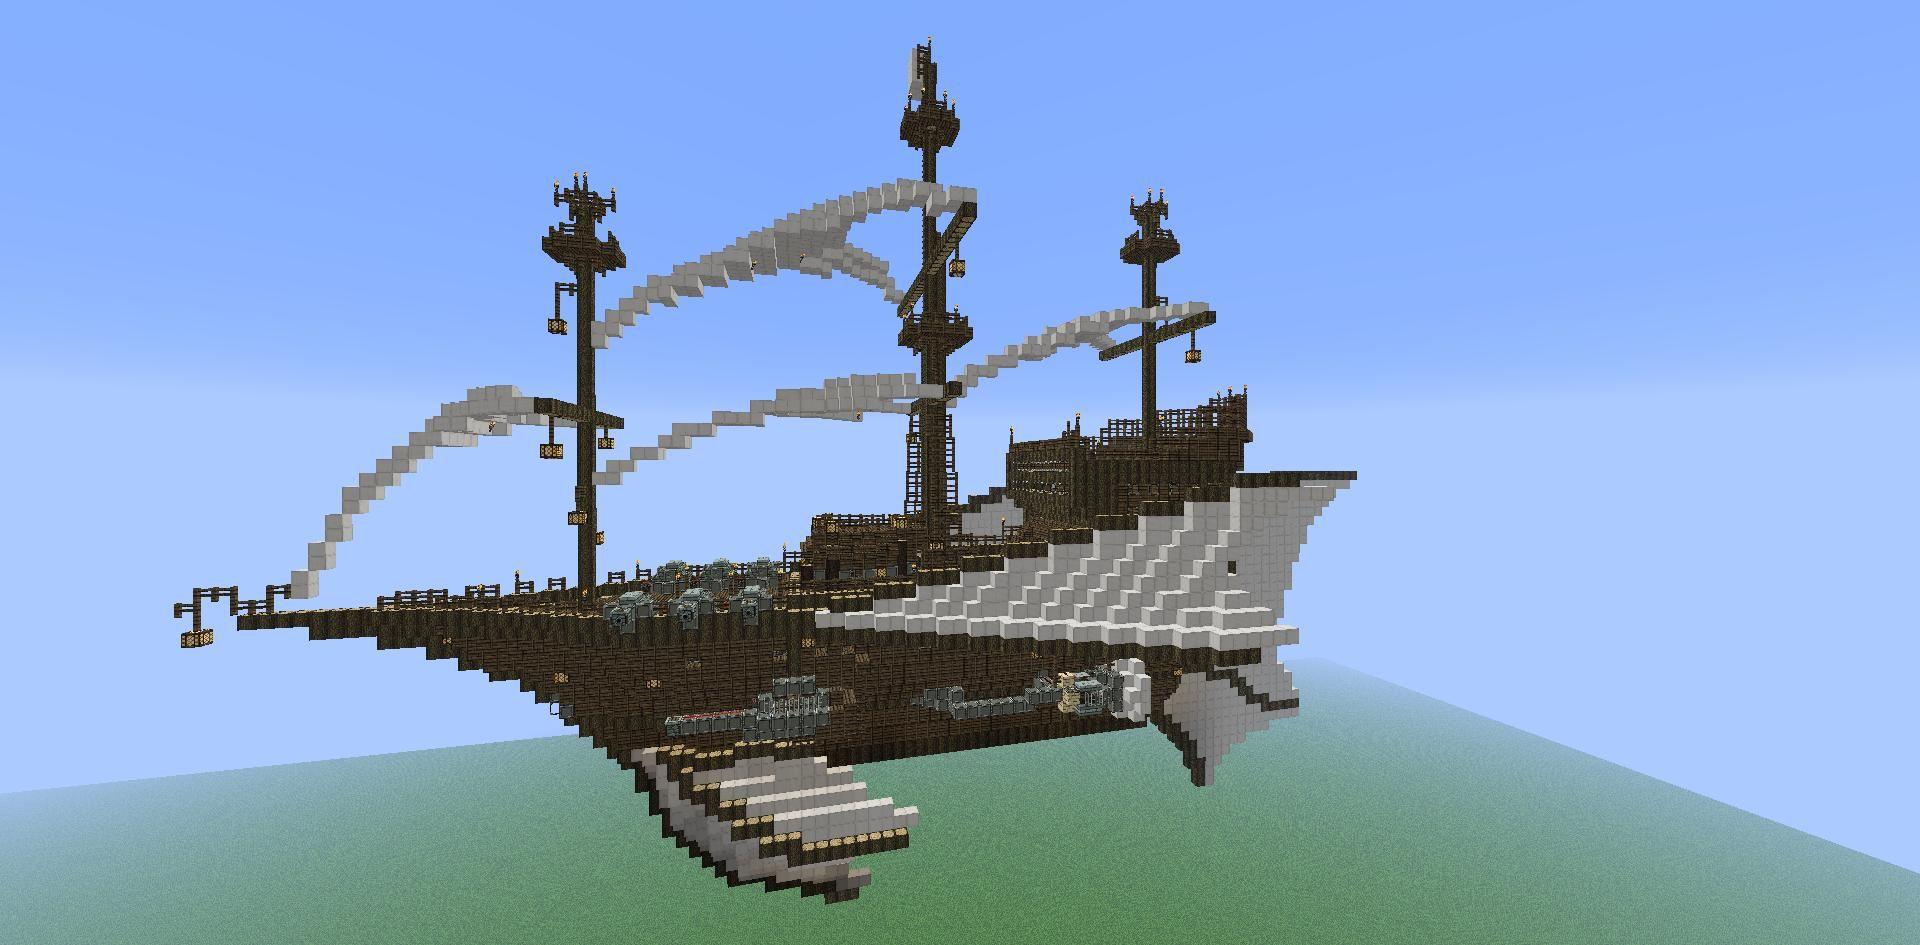 Best Wallpaper Minecraft Steampunk - dfd197529b29d274bcee088ddee22f12  HD_82683.jpg